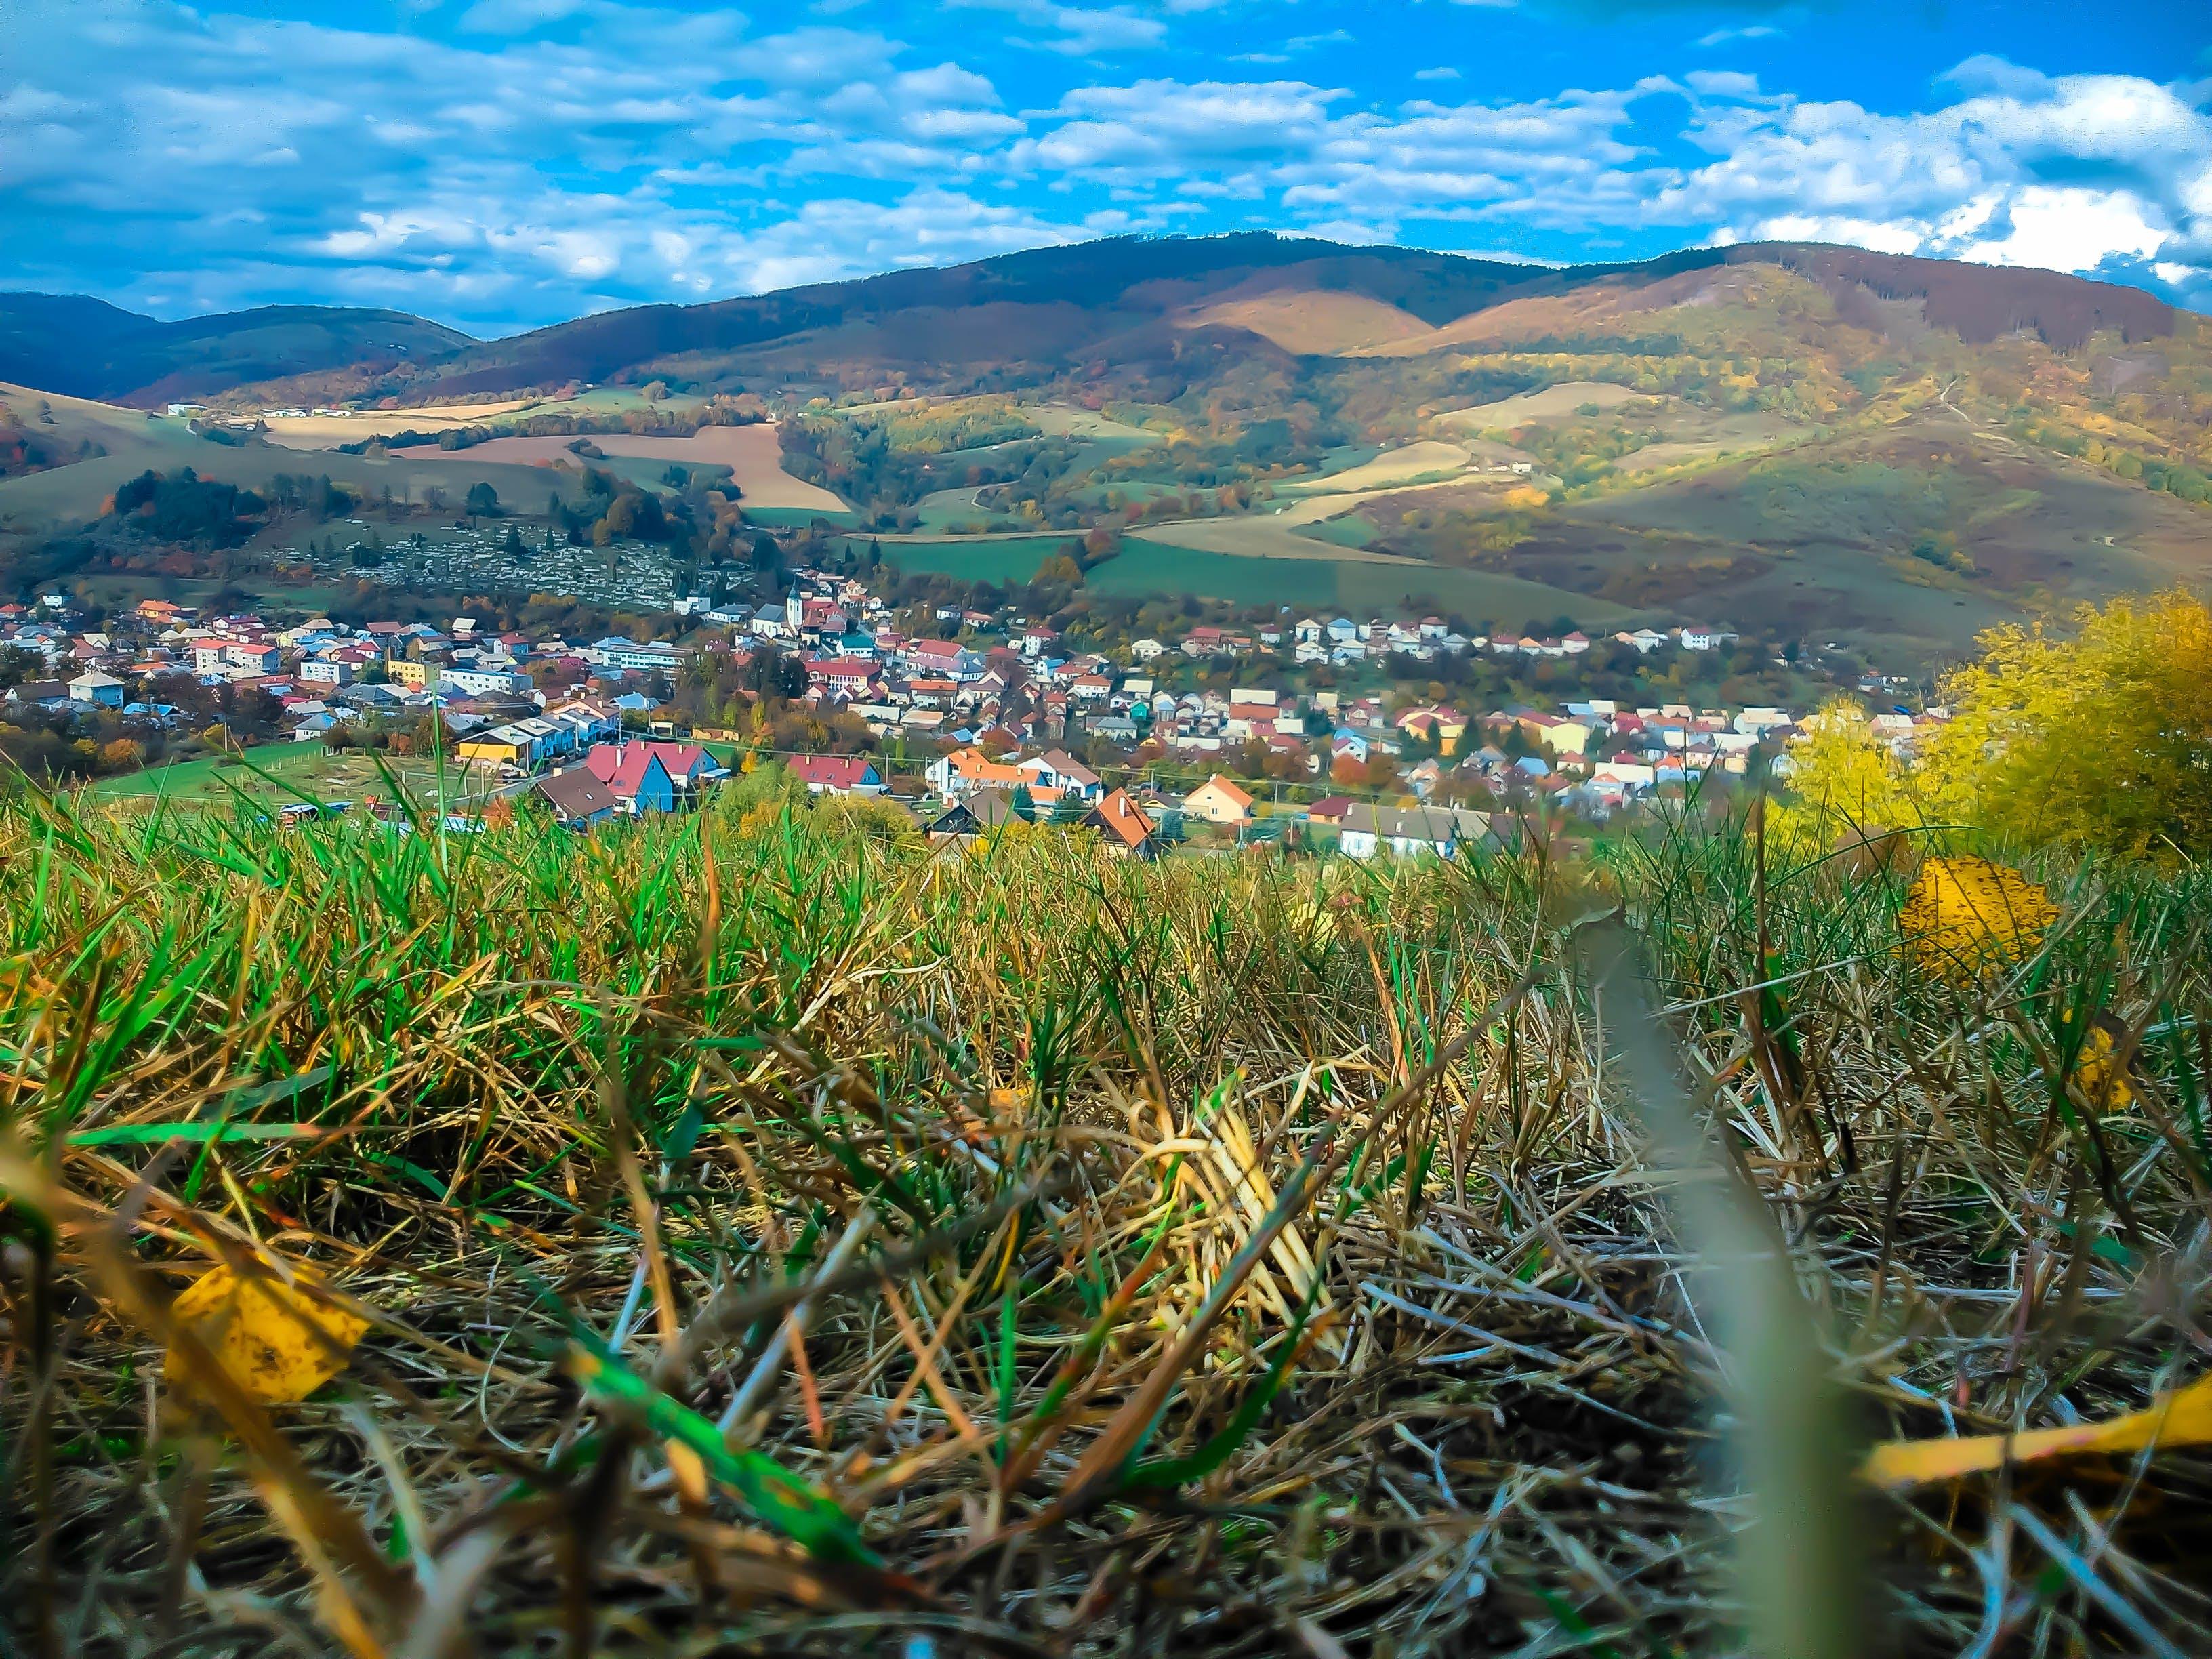 Kostnadsfri bild av åkermark, äng, bergen, bete